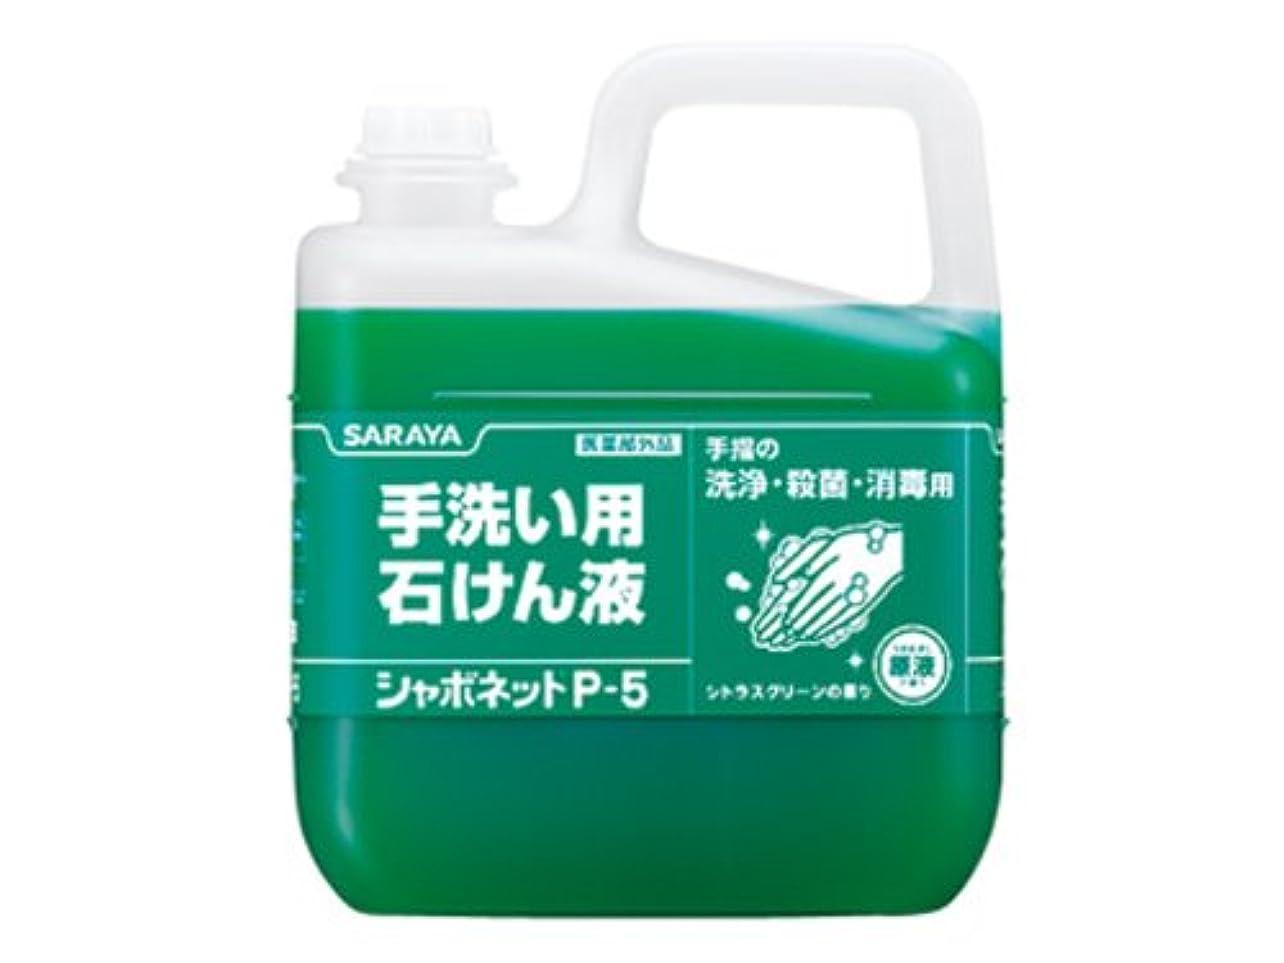 メンタル安西信頼できる業務用ハンドソープ サラヤ シャボネット石鹸液P-5 5kgX3本入り